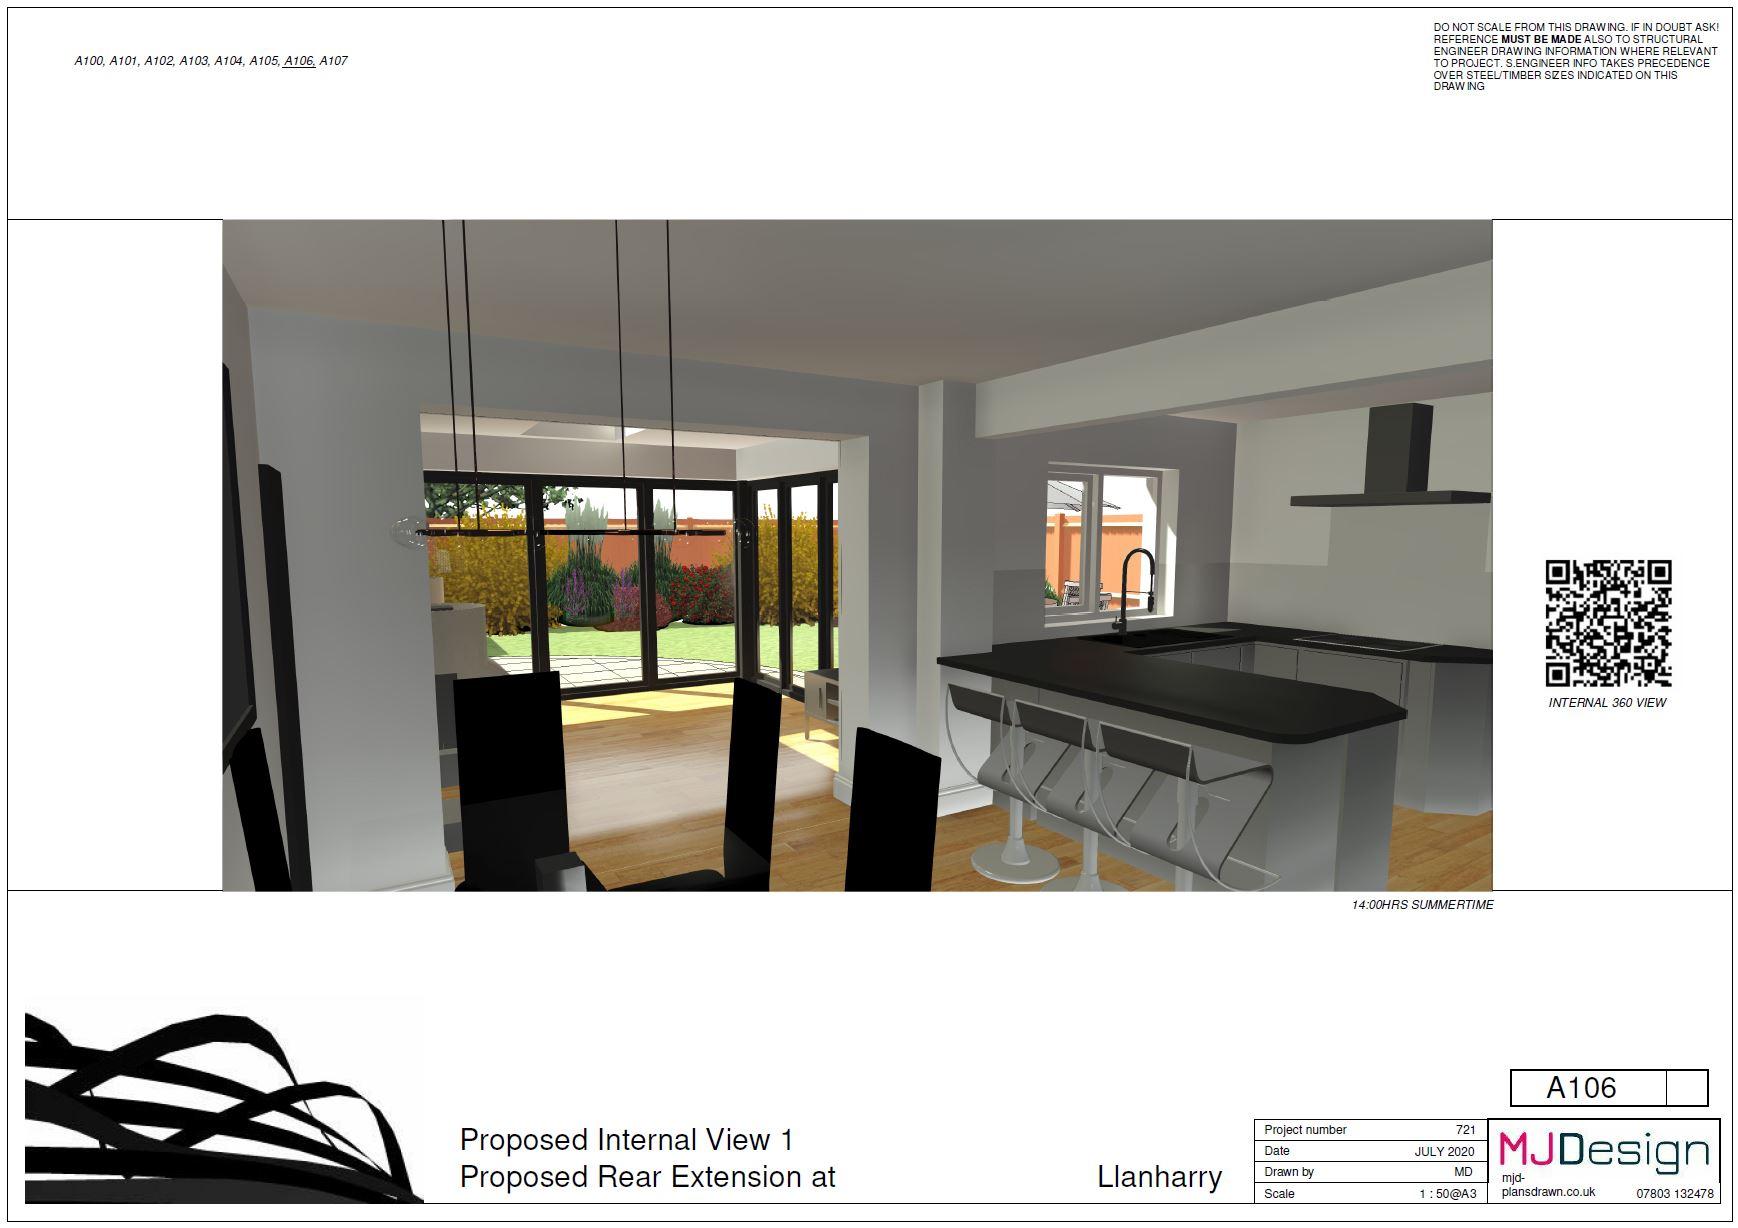 Llanharry Proposed